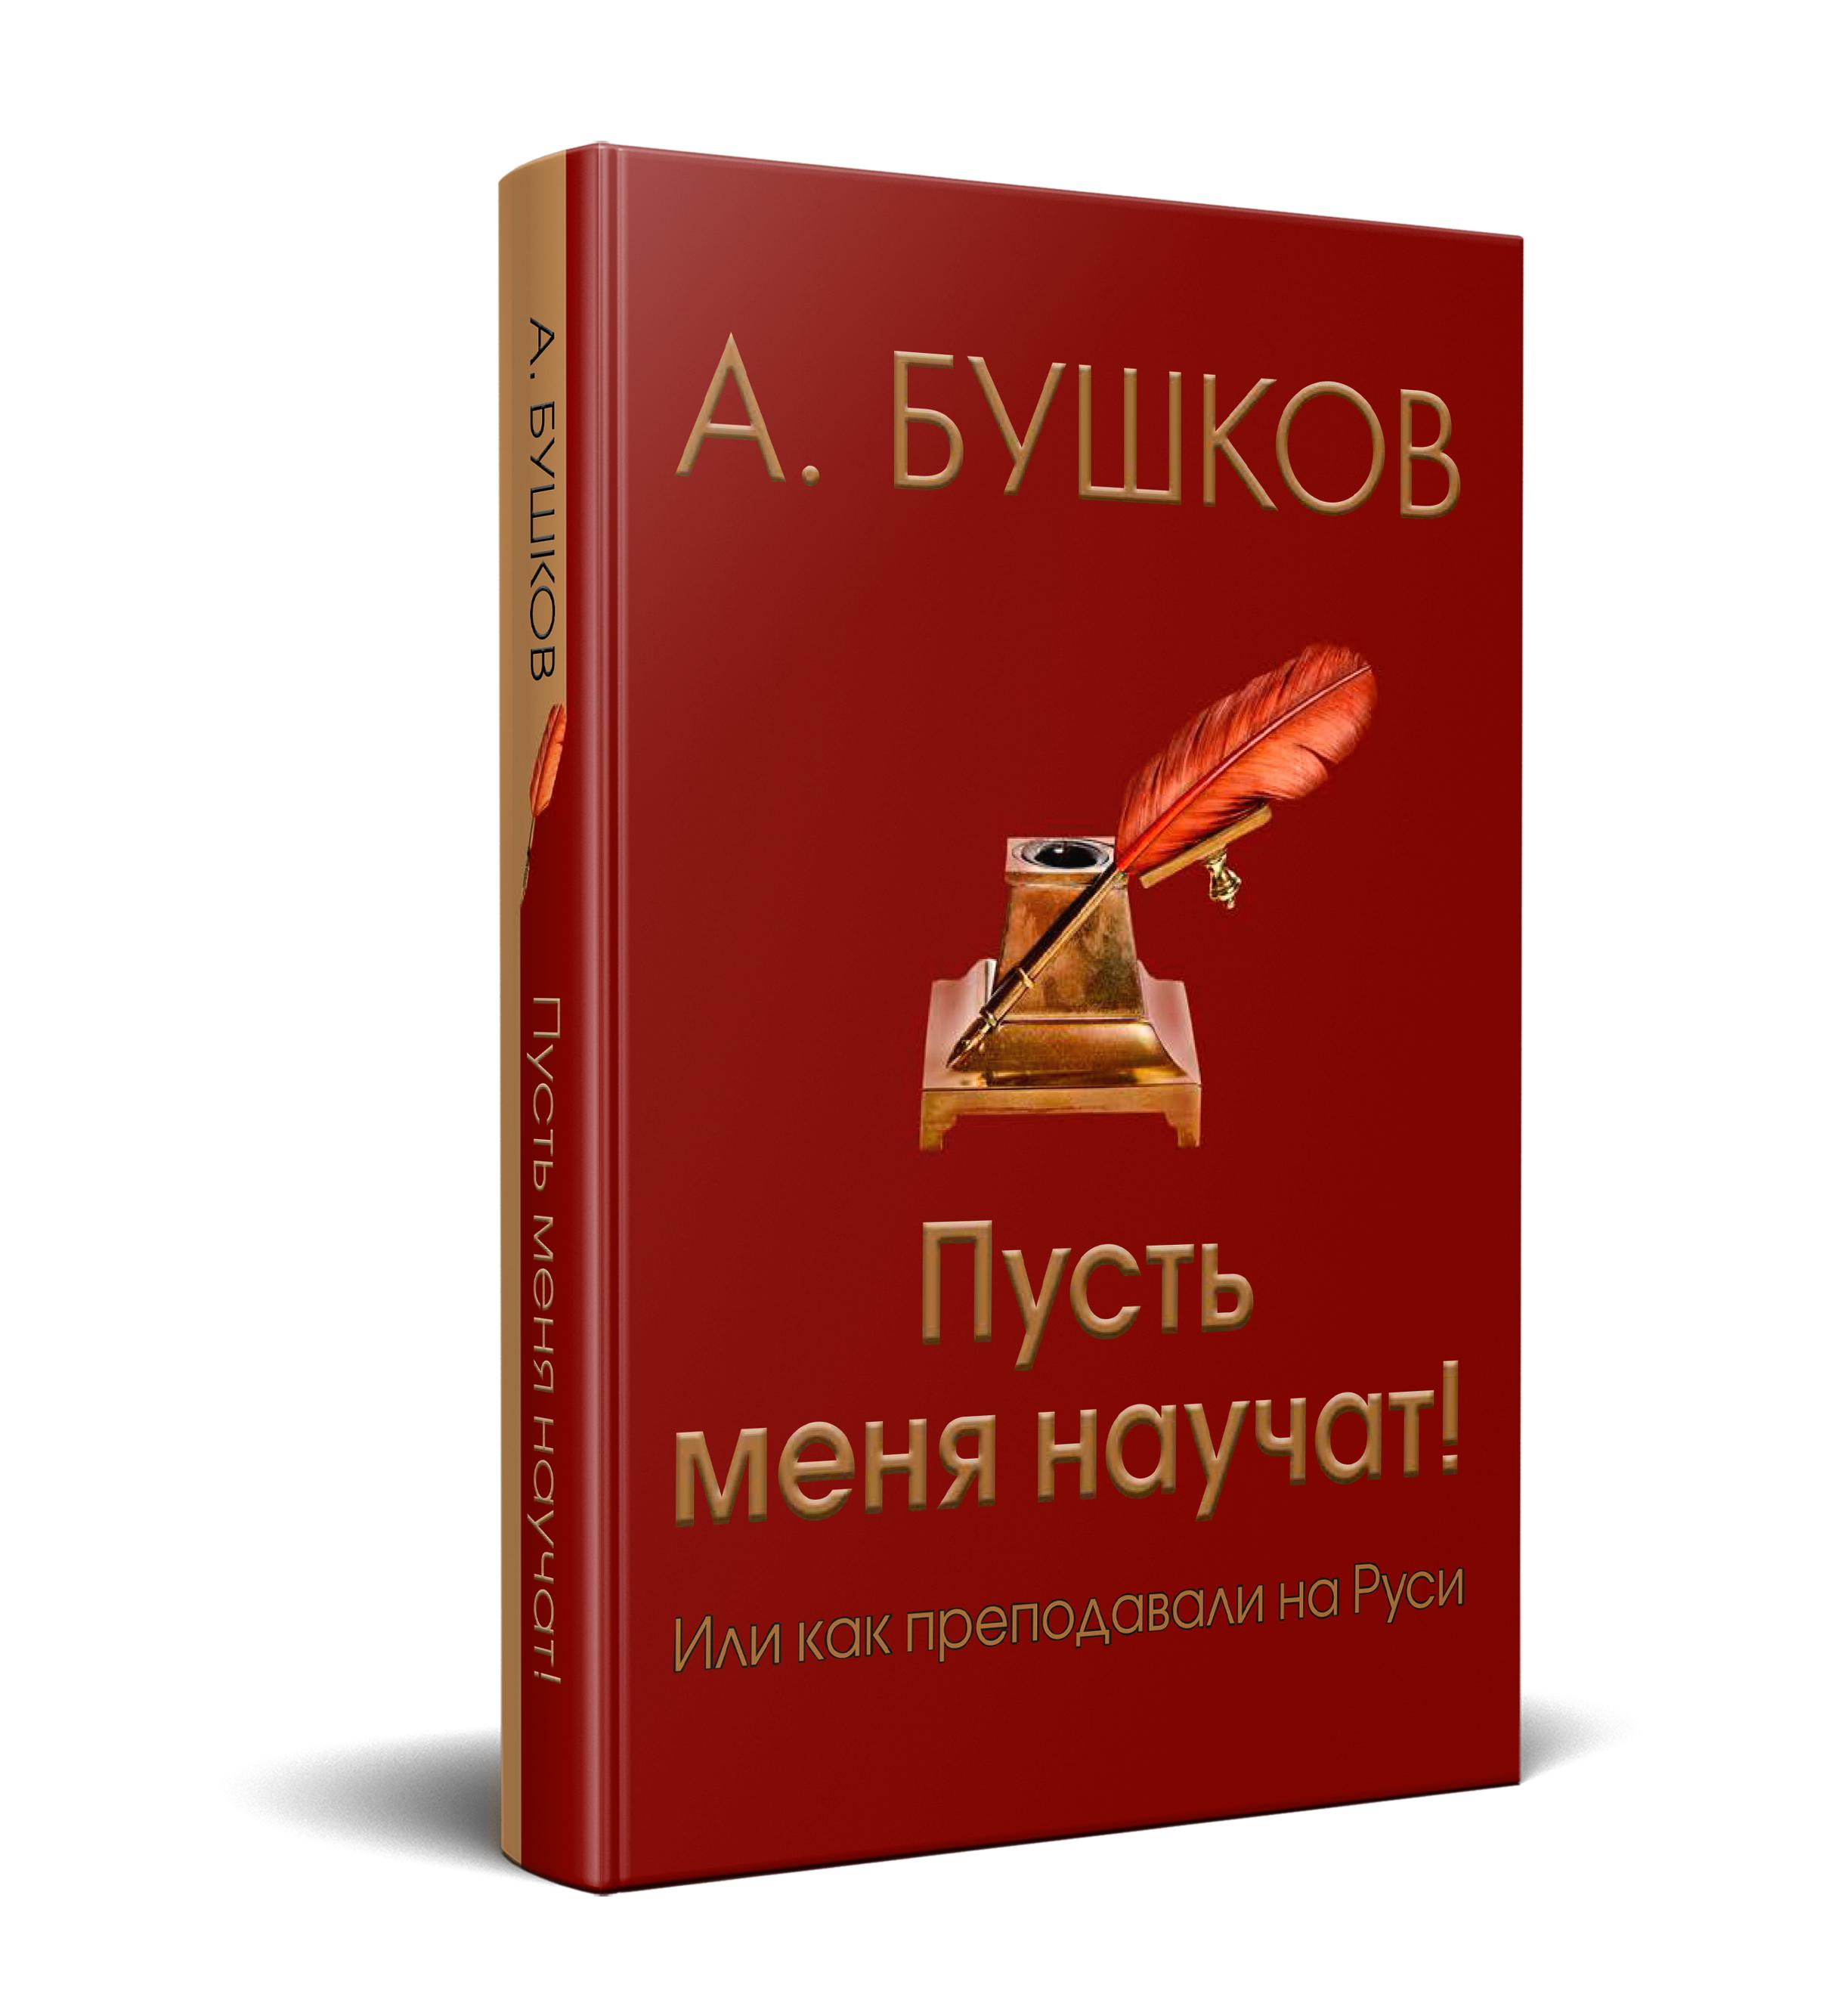 Пусть меня научат, или Как преподавали на Руси. А. Бушков